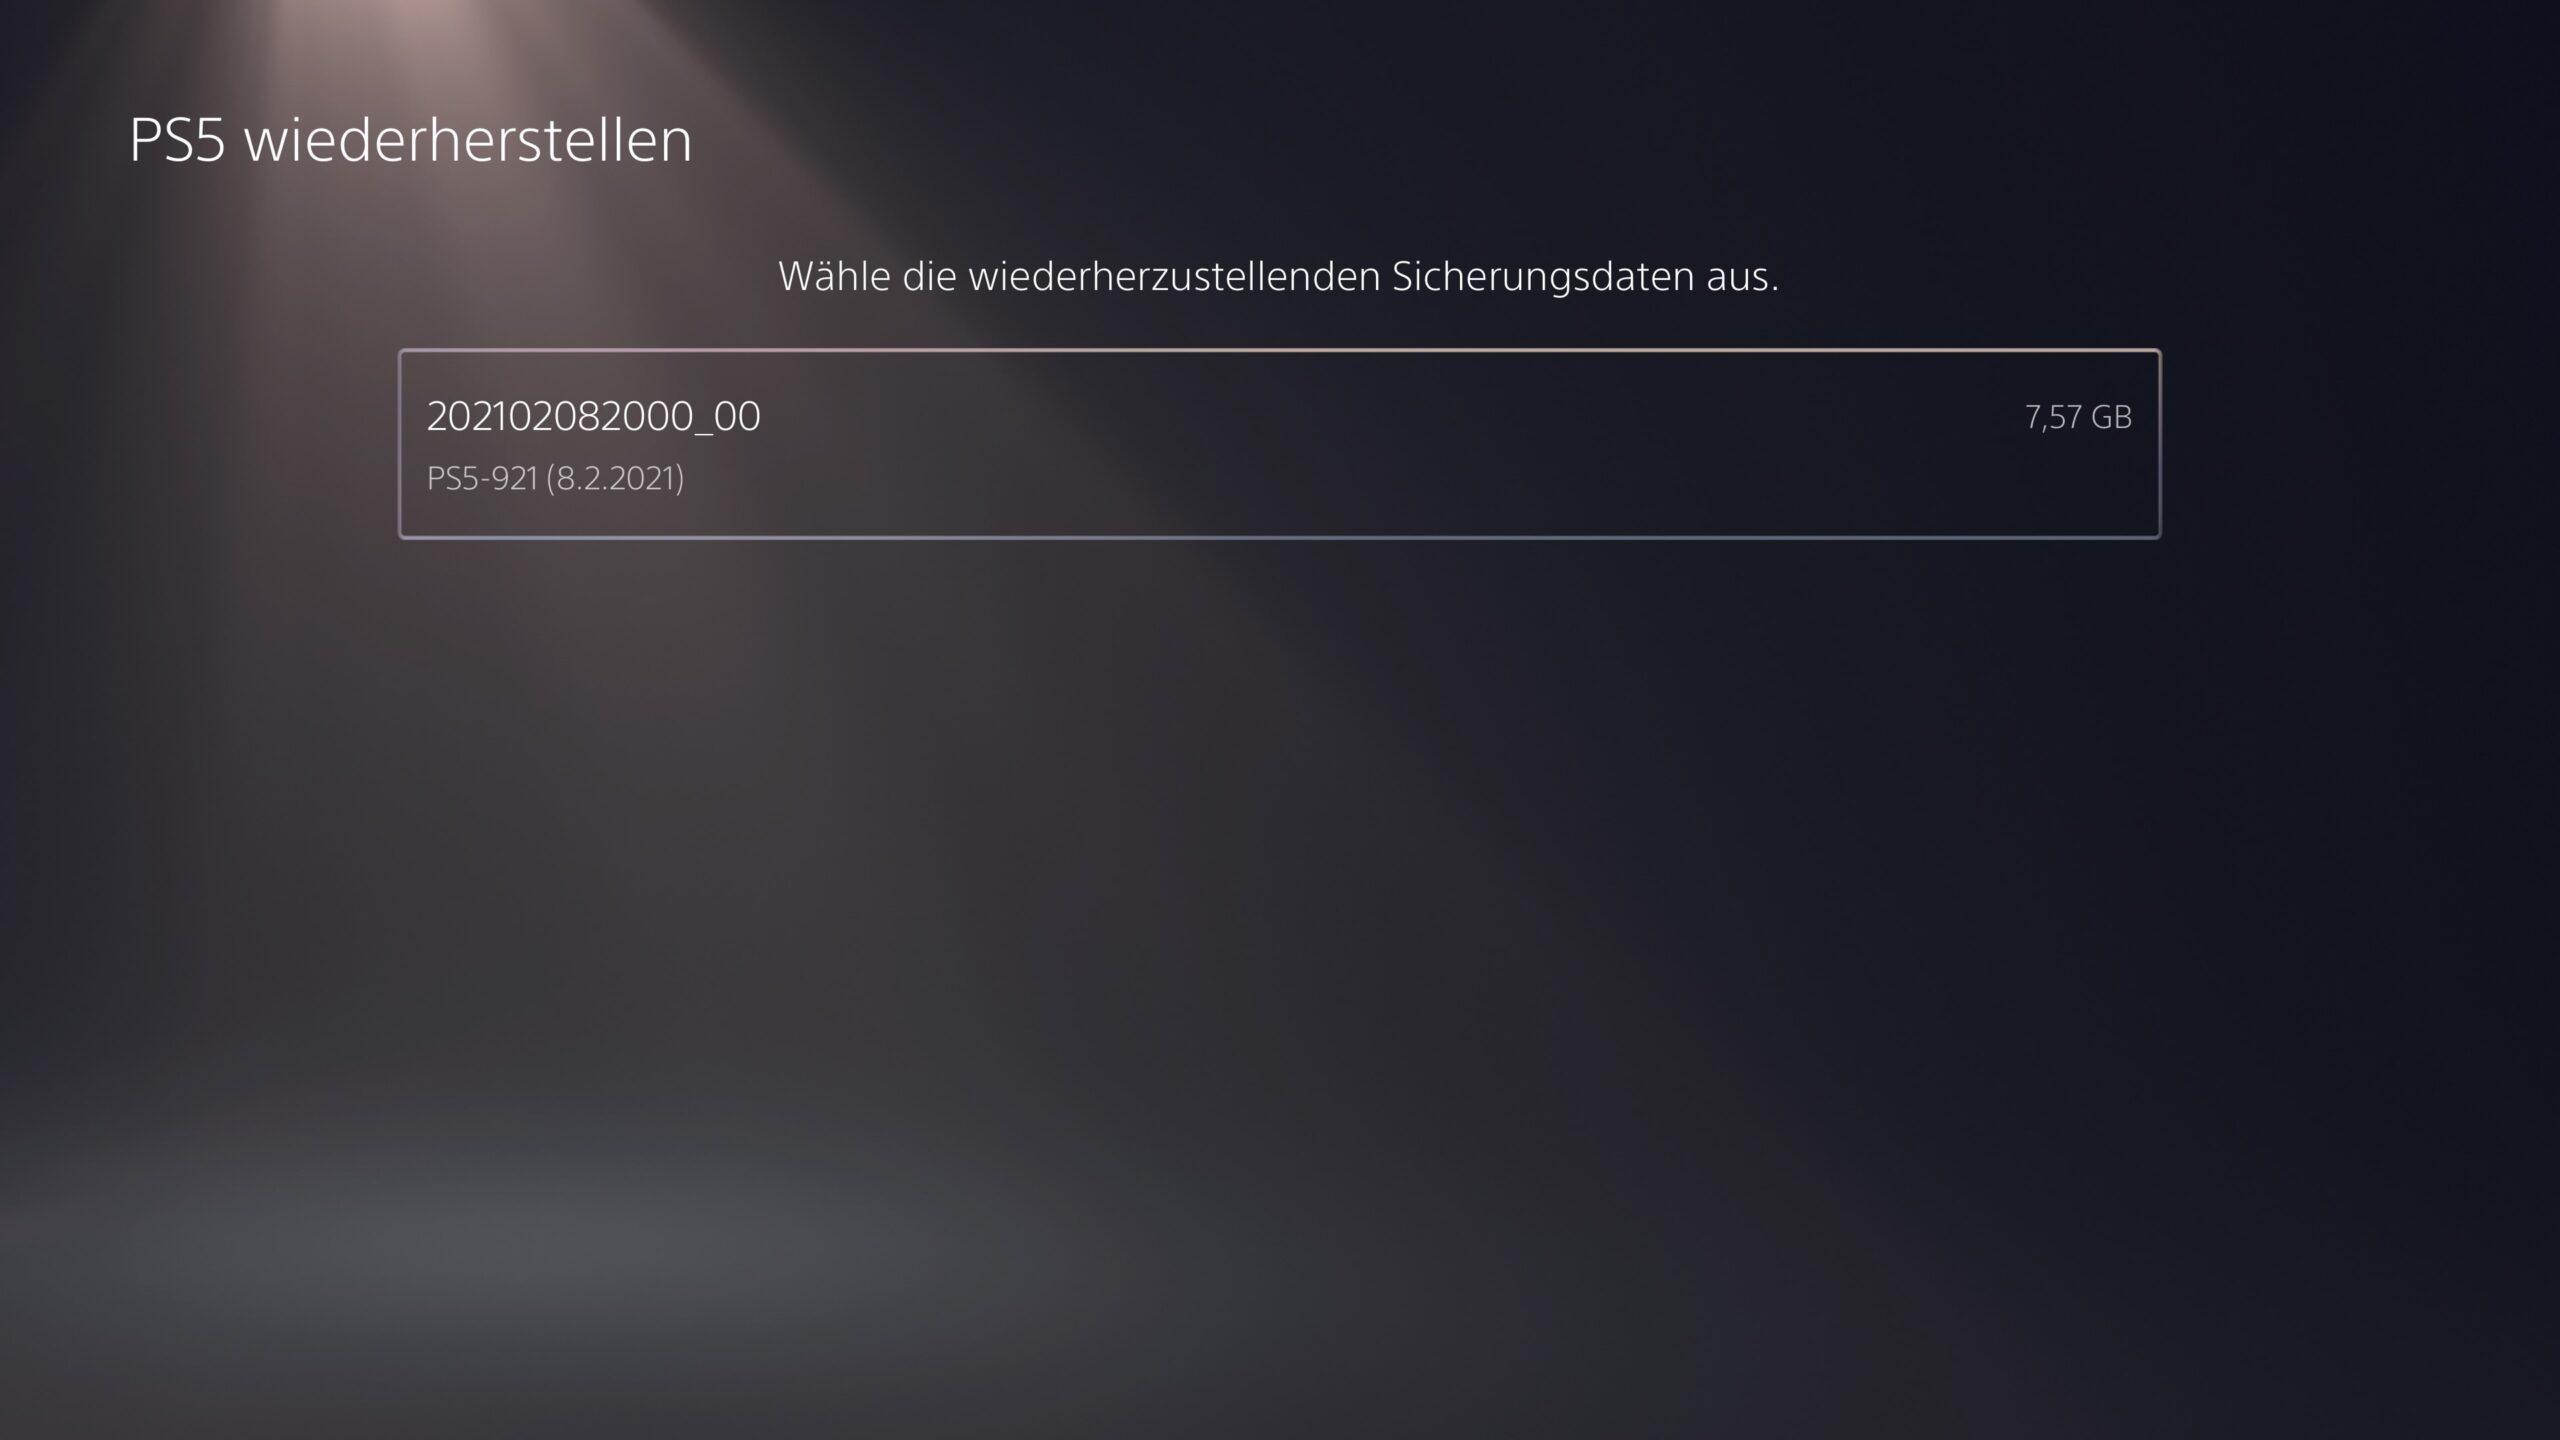 Backup09 1 scaled - PS4 und PS5: Backup erstellen und eigene Dateien sichern